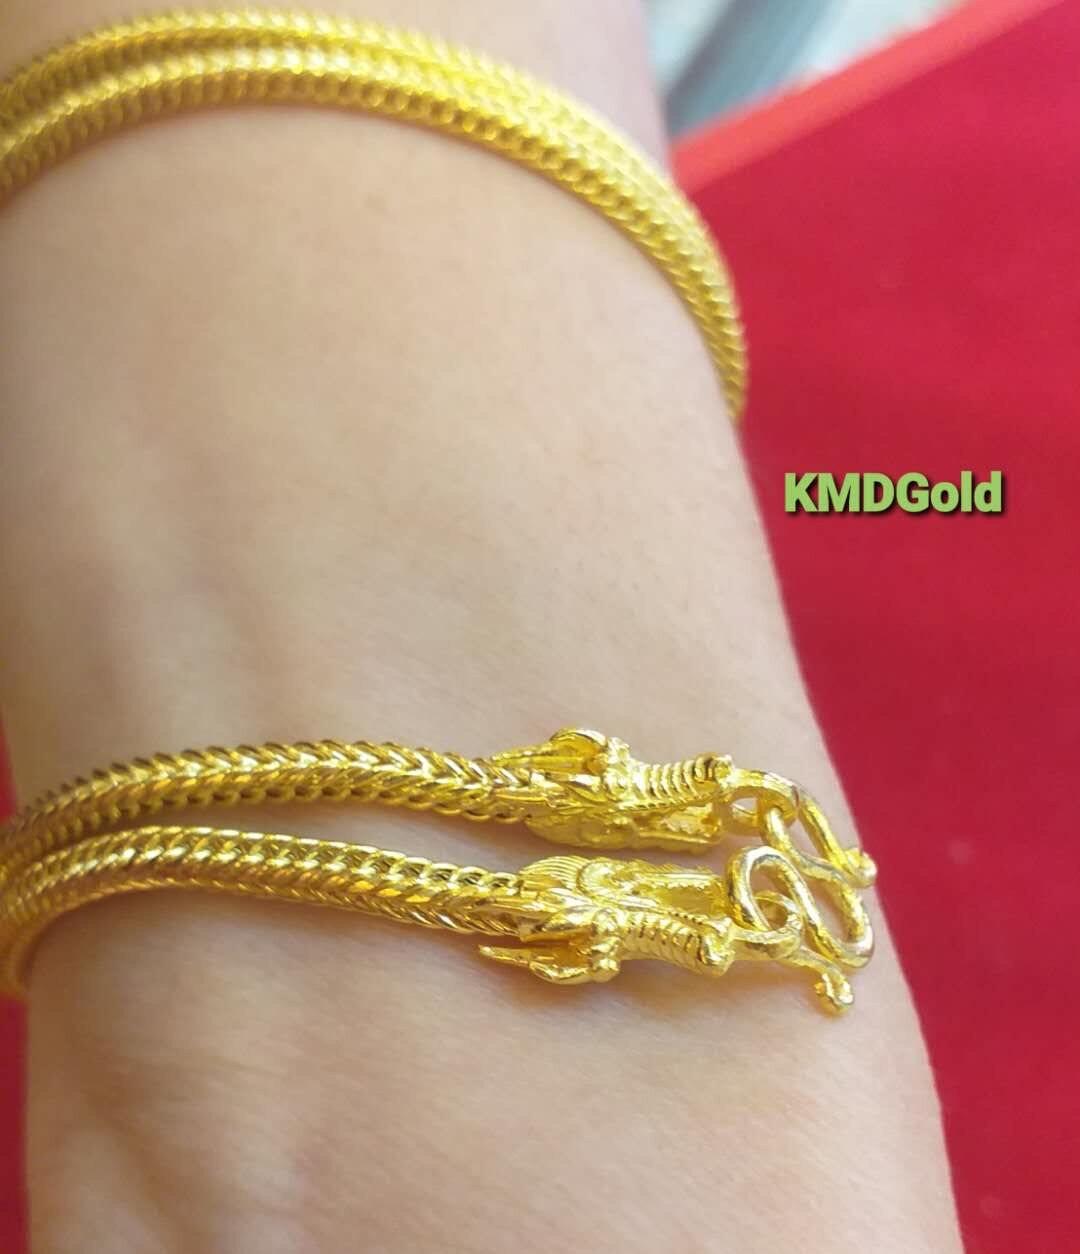 ผ่อนชำระด้วยบัตรเครดิตKMDGold สร้อยคอทองคำแท้96.5% มาตรฐานทองเยาวราช 1บาท ลายเบนซ์ กระดูกงู สินค้ามีใบรับประกันทุกชิ้นค่ะ